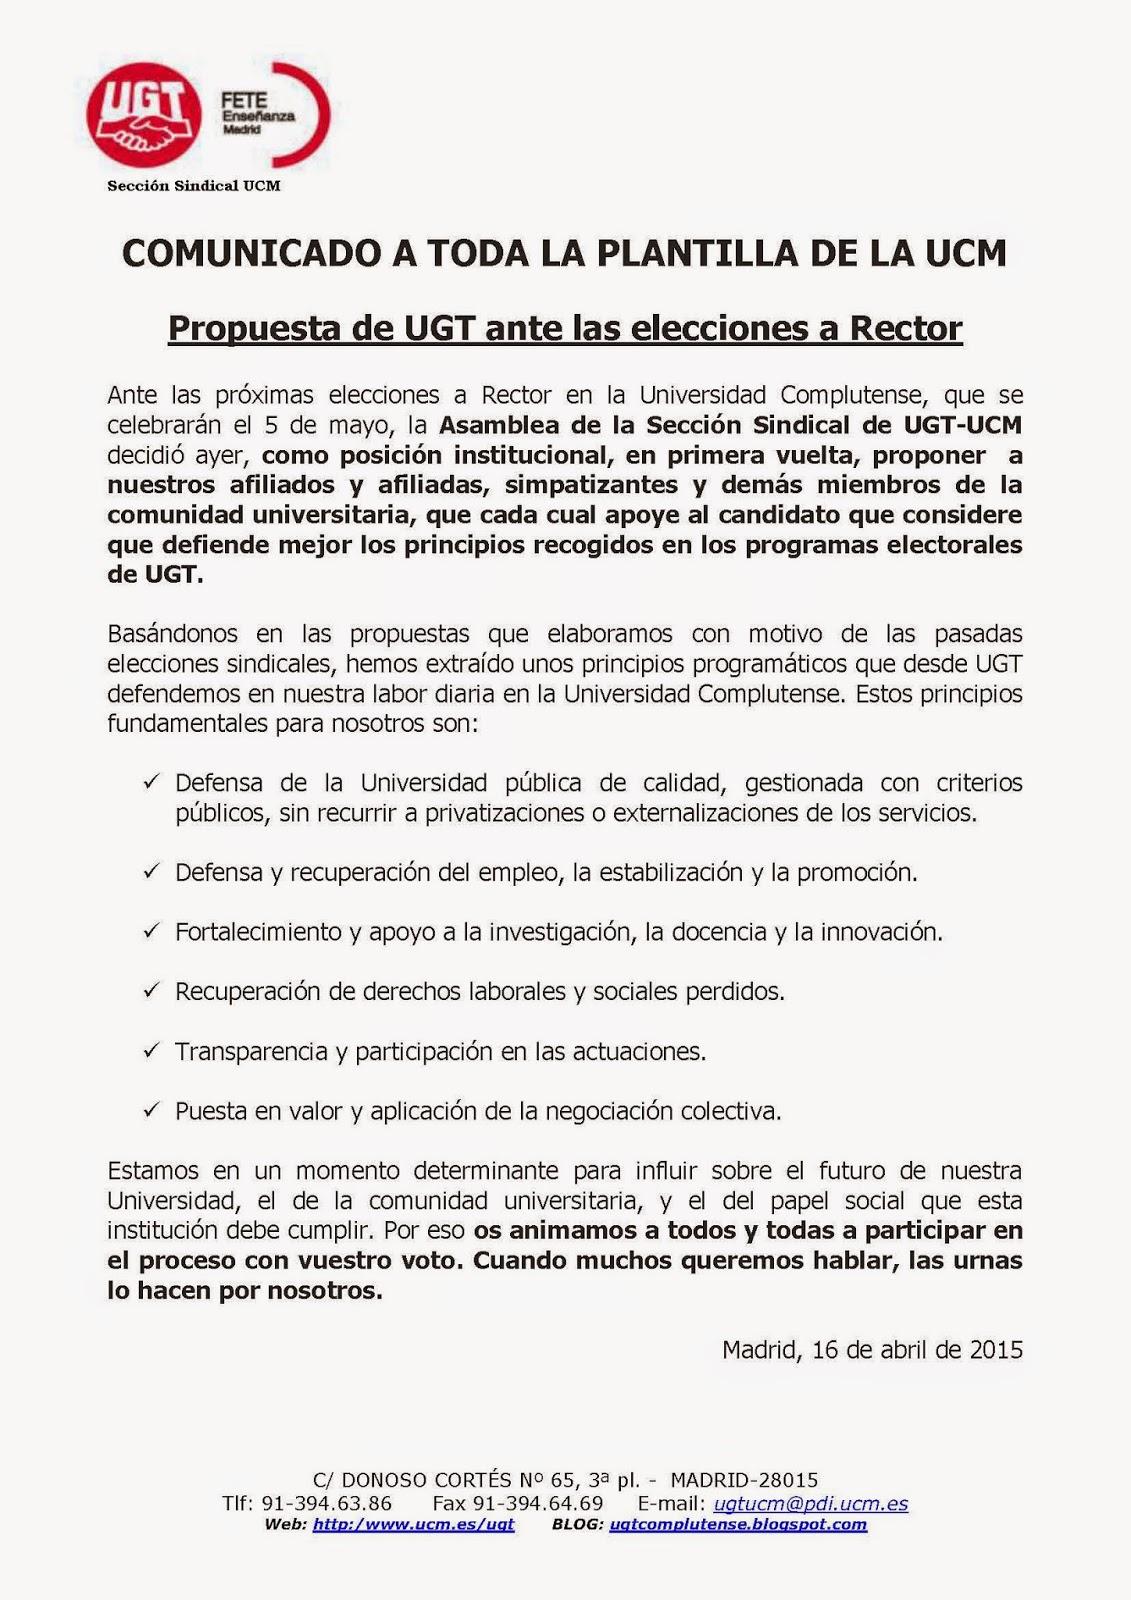 Sección Sindical de UGT en la UCM: abril 2015